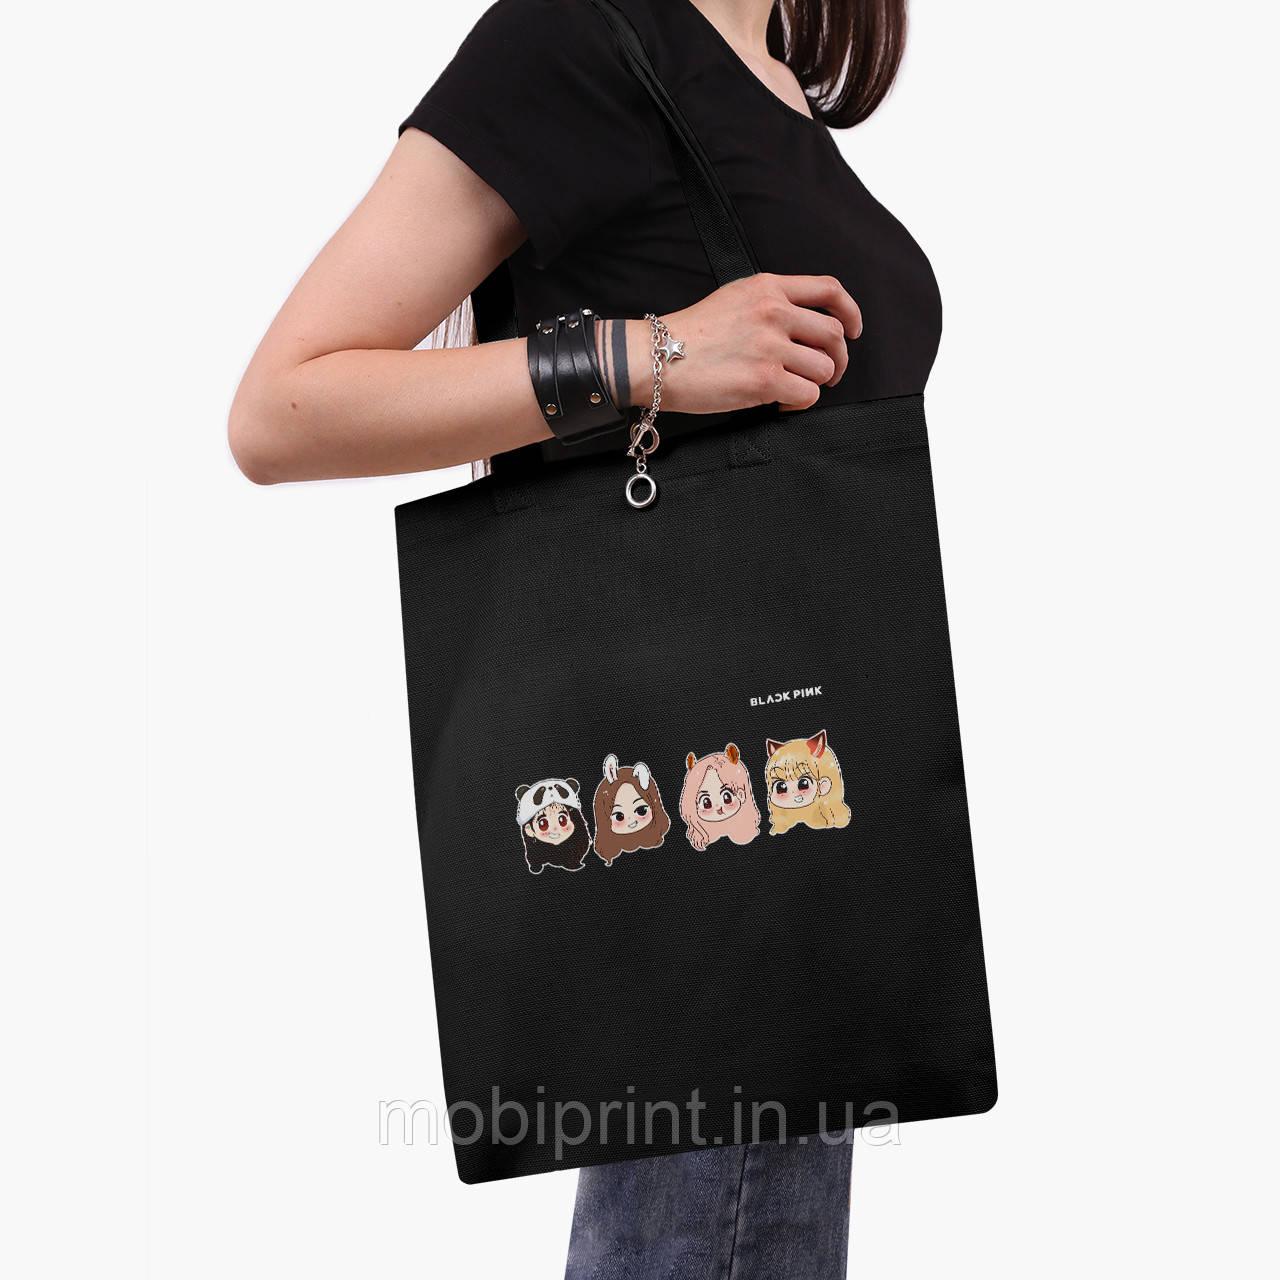 Эко сумка шоппер черная Блек Пинк (BlackPink) (9227-1340-2) экосумка шопер 41*35 см